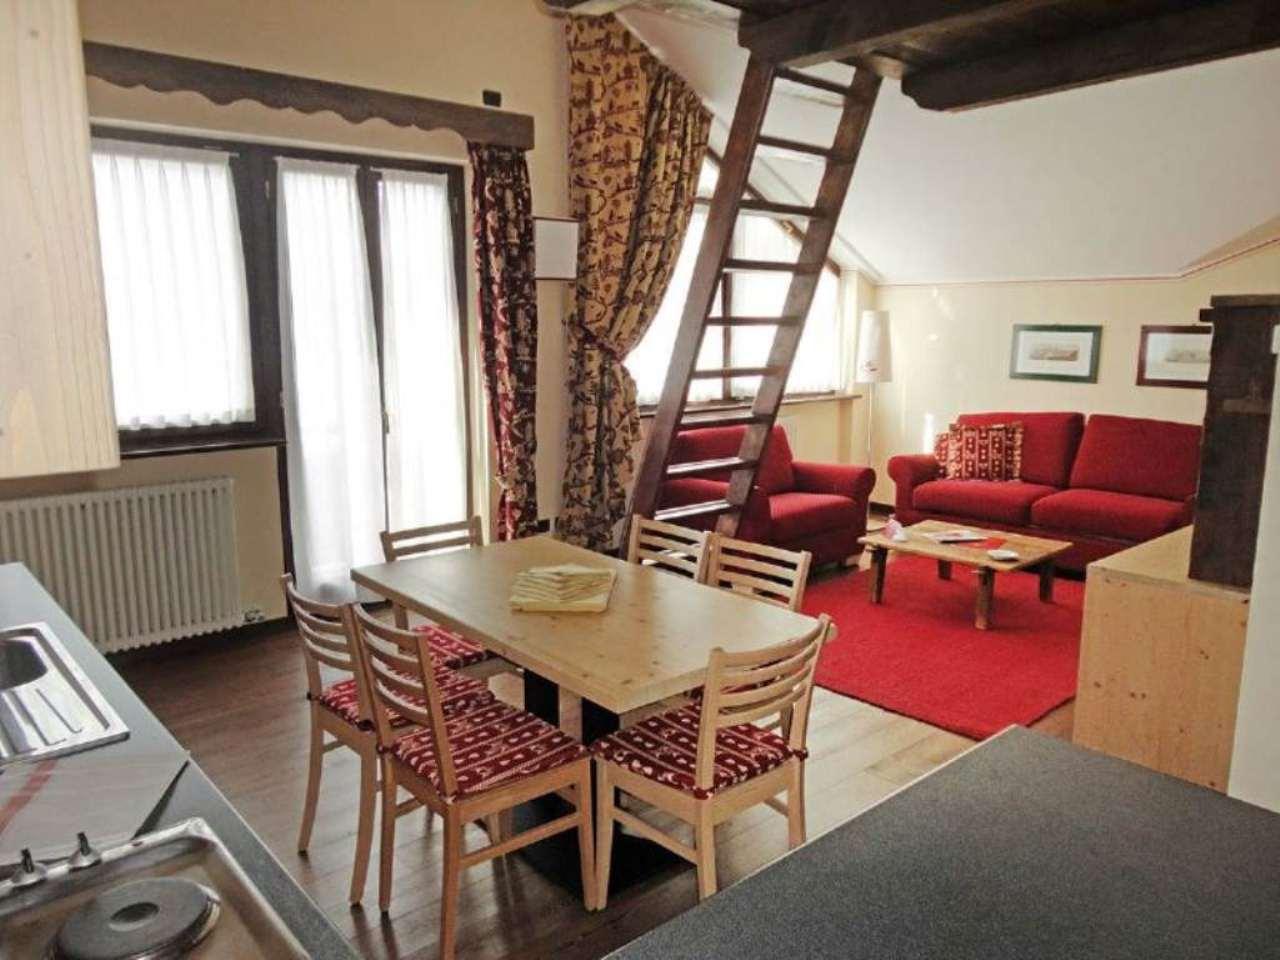 Attico / Mansarda in vendita a Courmayeur, 3 locali, prezzo € 500.000 | Cambio Casa.it